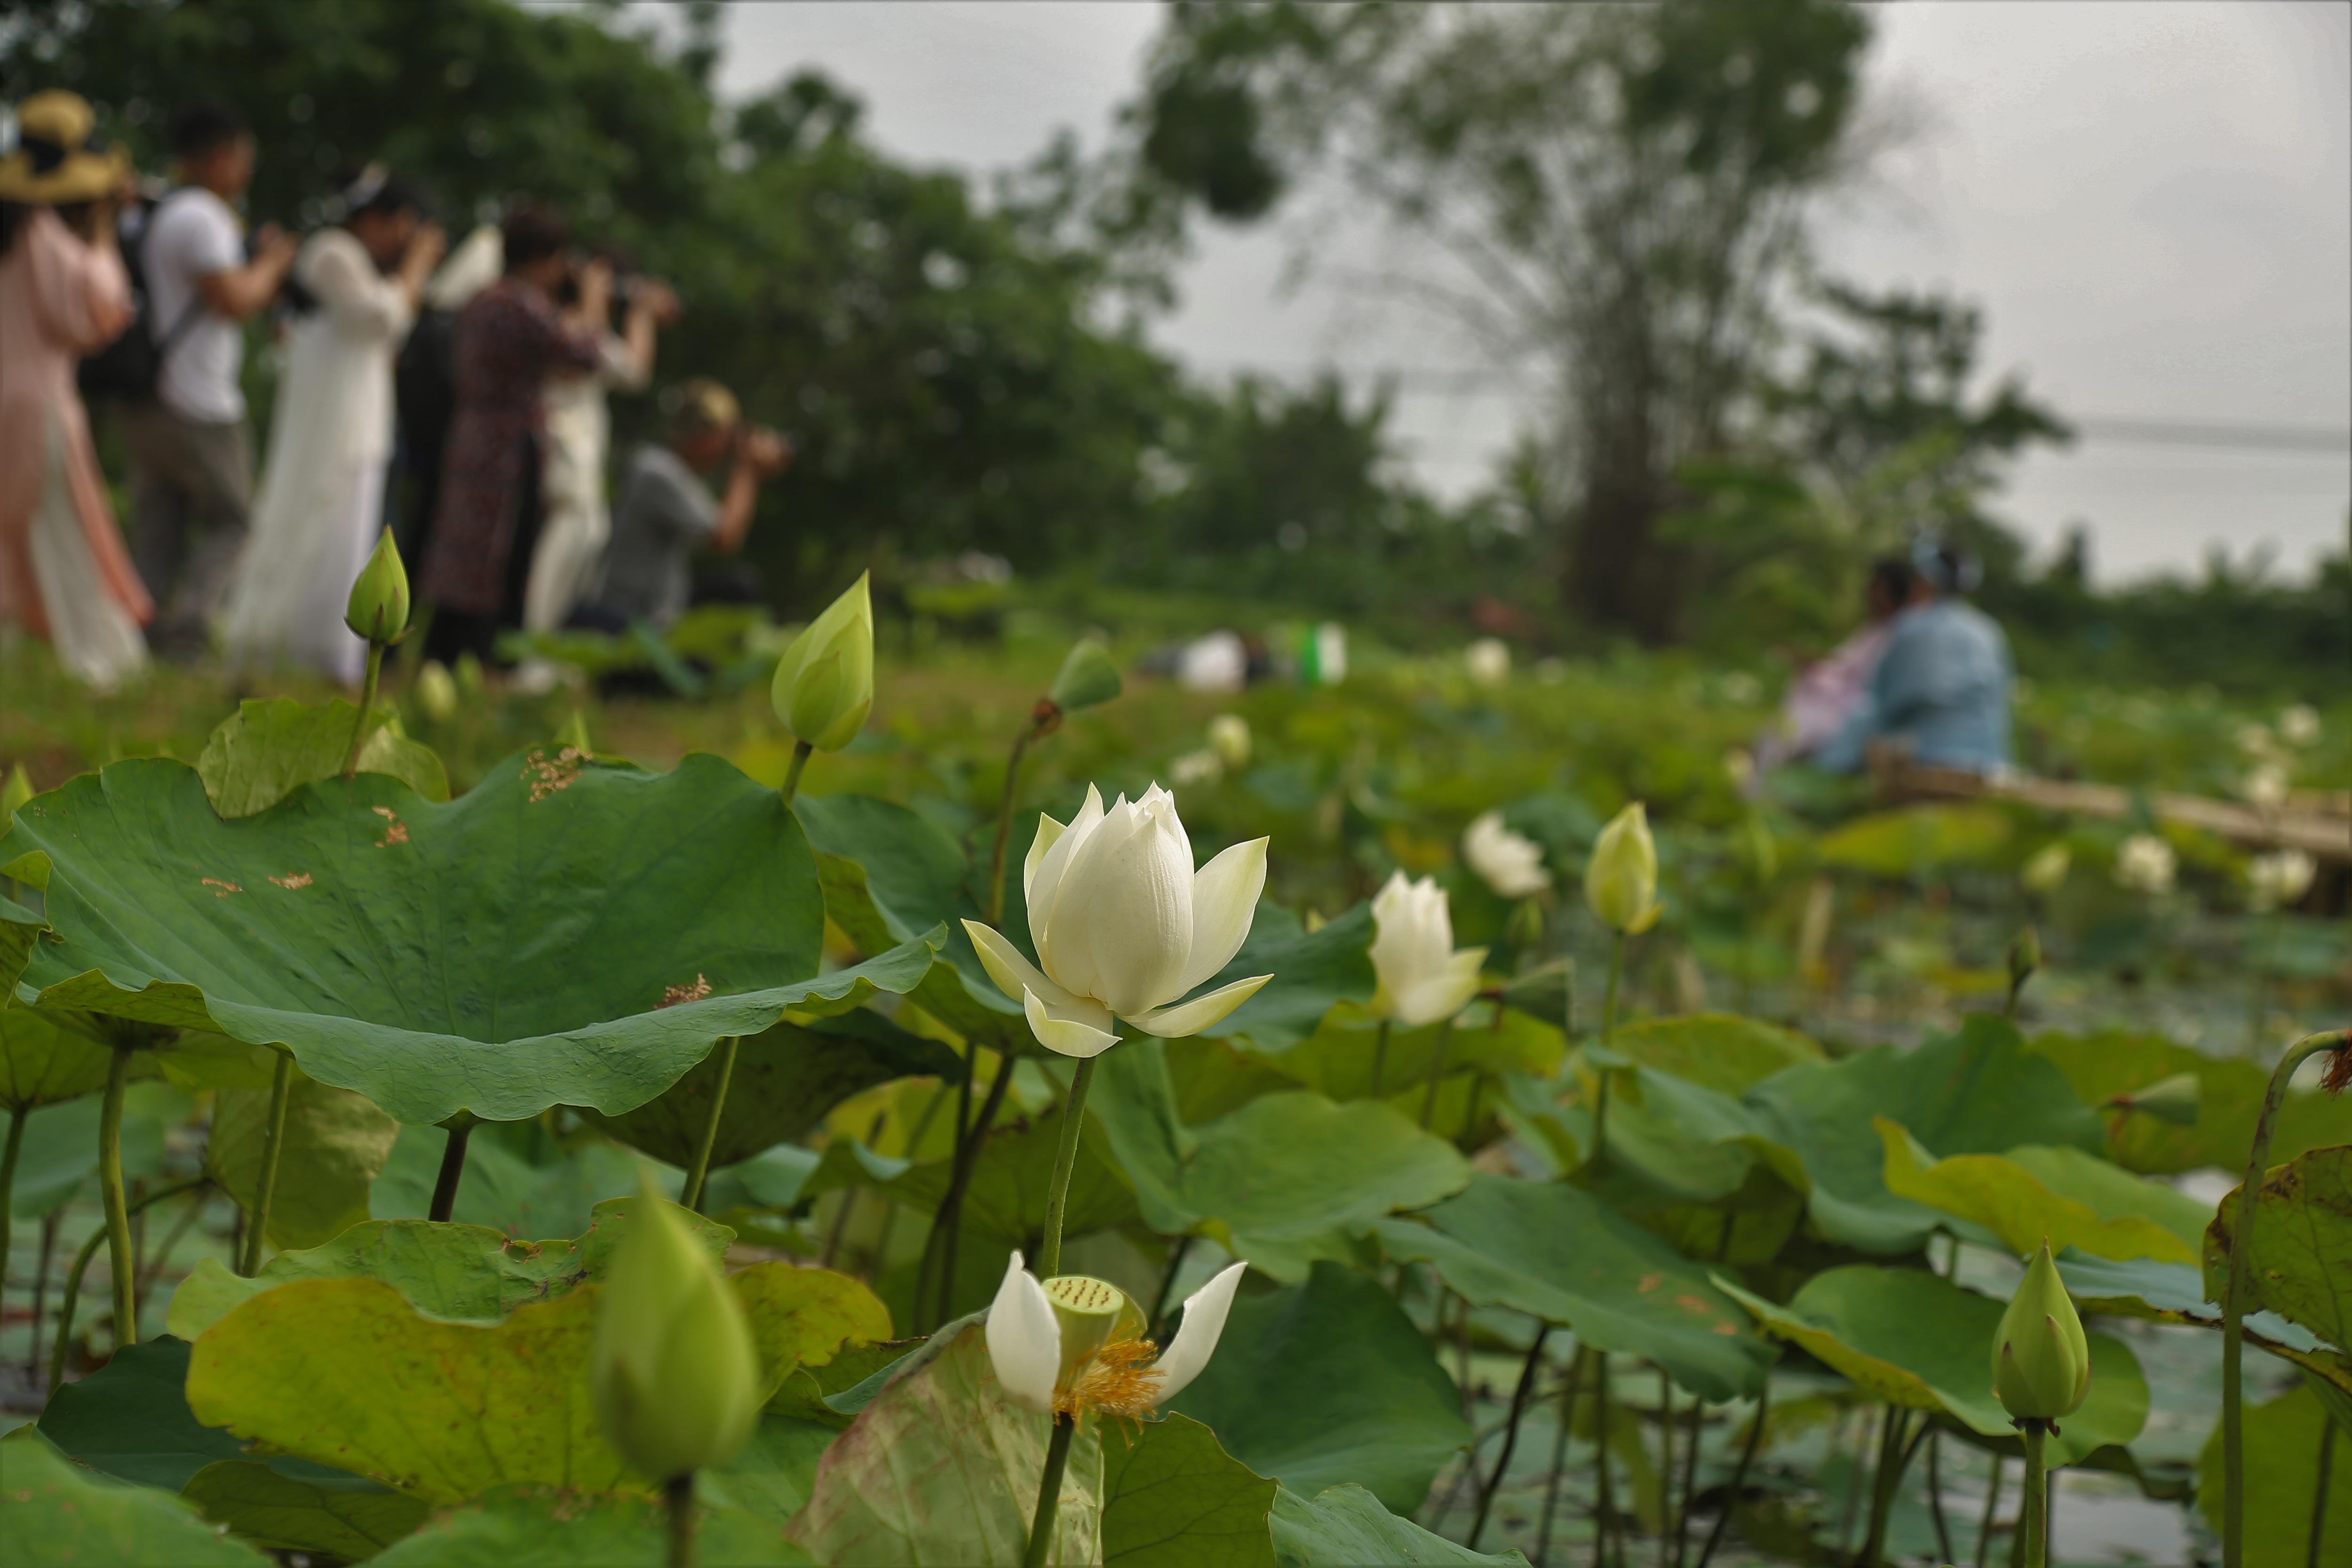 Hà Nội: Kiếm tiền triệu từ nghề trồng hoa sen trắng - Ảnh 6.